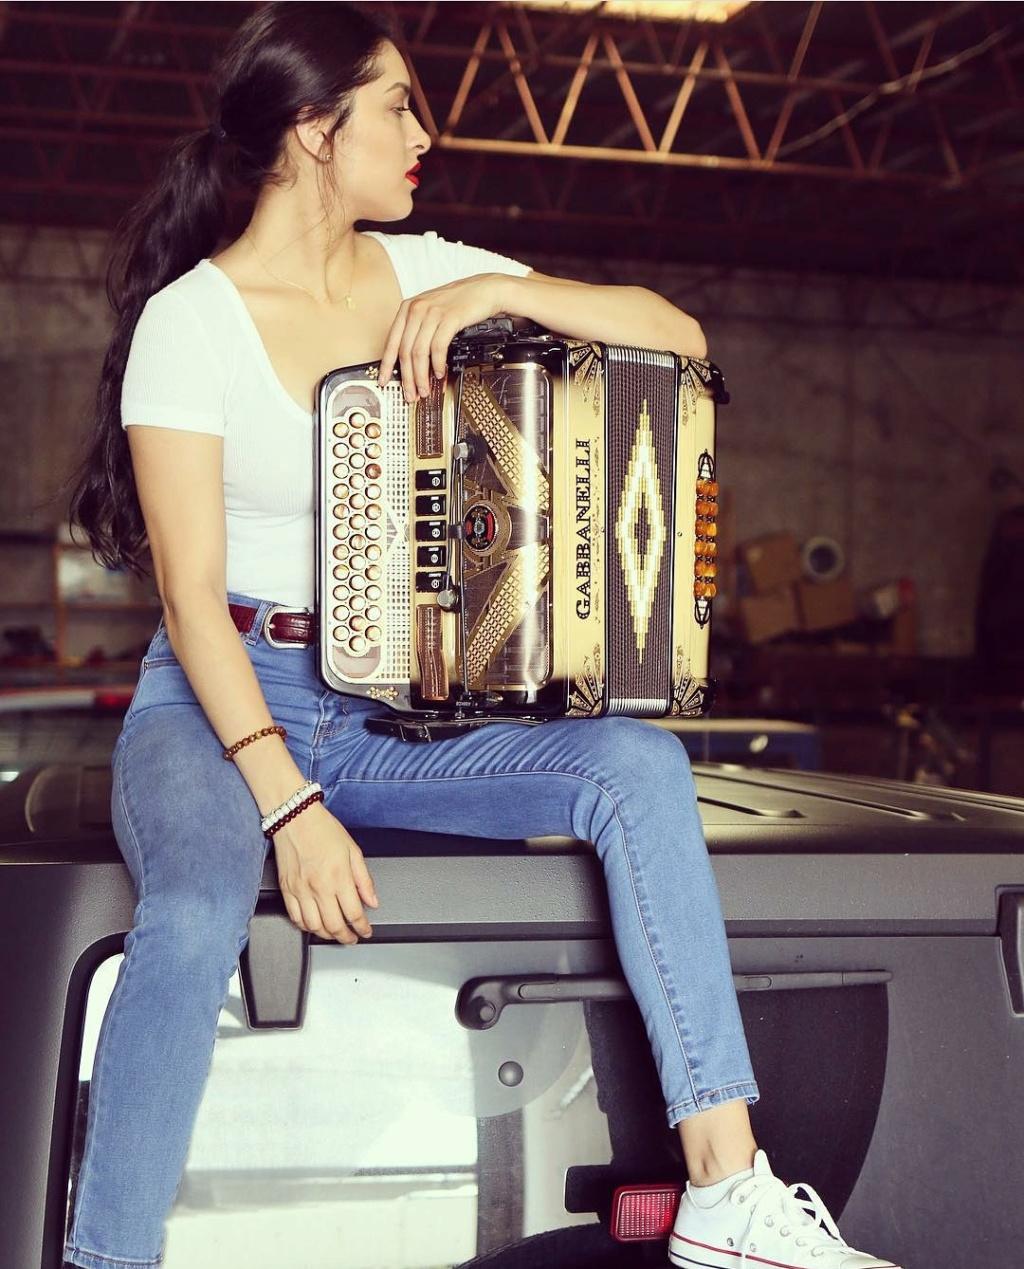 DEBATE sobre belleza, guapura y hermosura (fotos de chicas latinas, mestizas, y de todo) - VOL II - Página 2 Img_1532